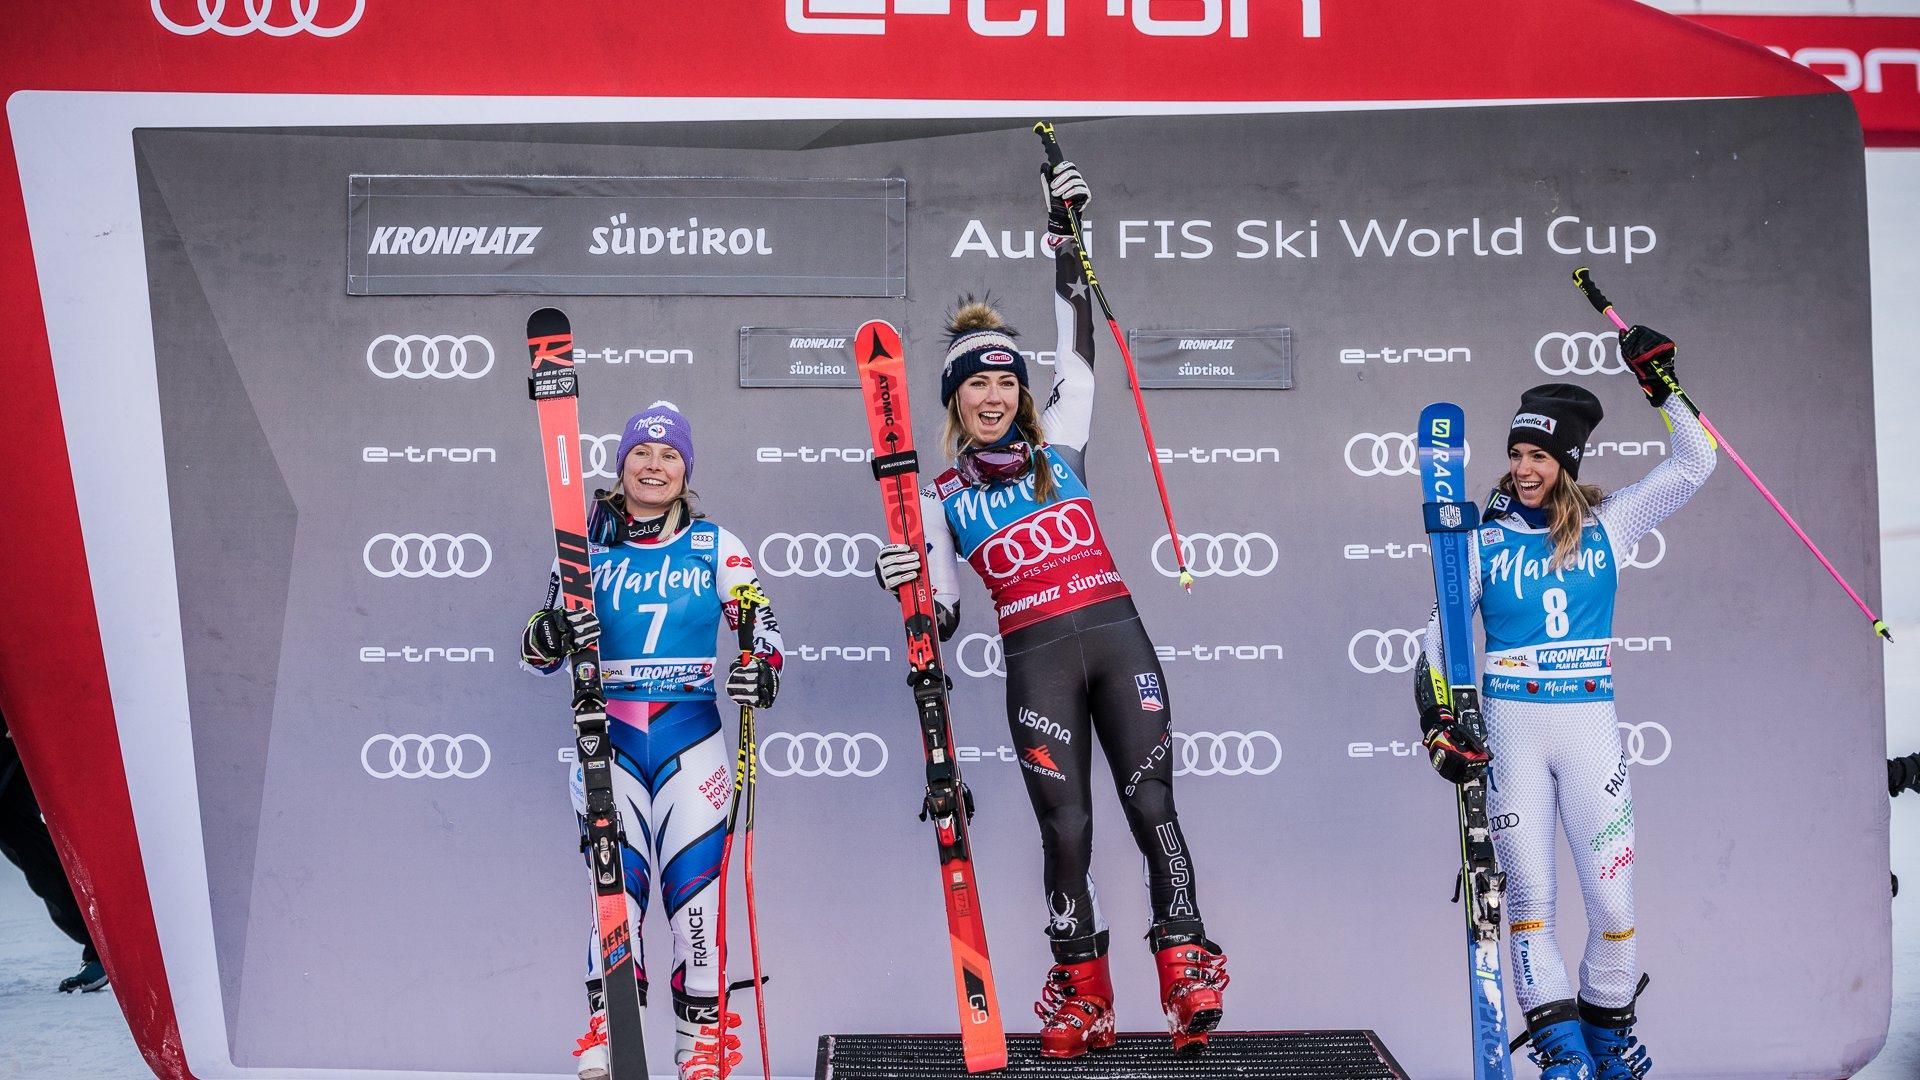 World Cup Skiing 2019 Schedule Audi FIS Ski World Kronplatz 2019 | Kronplatz Events